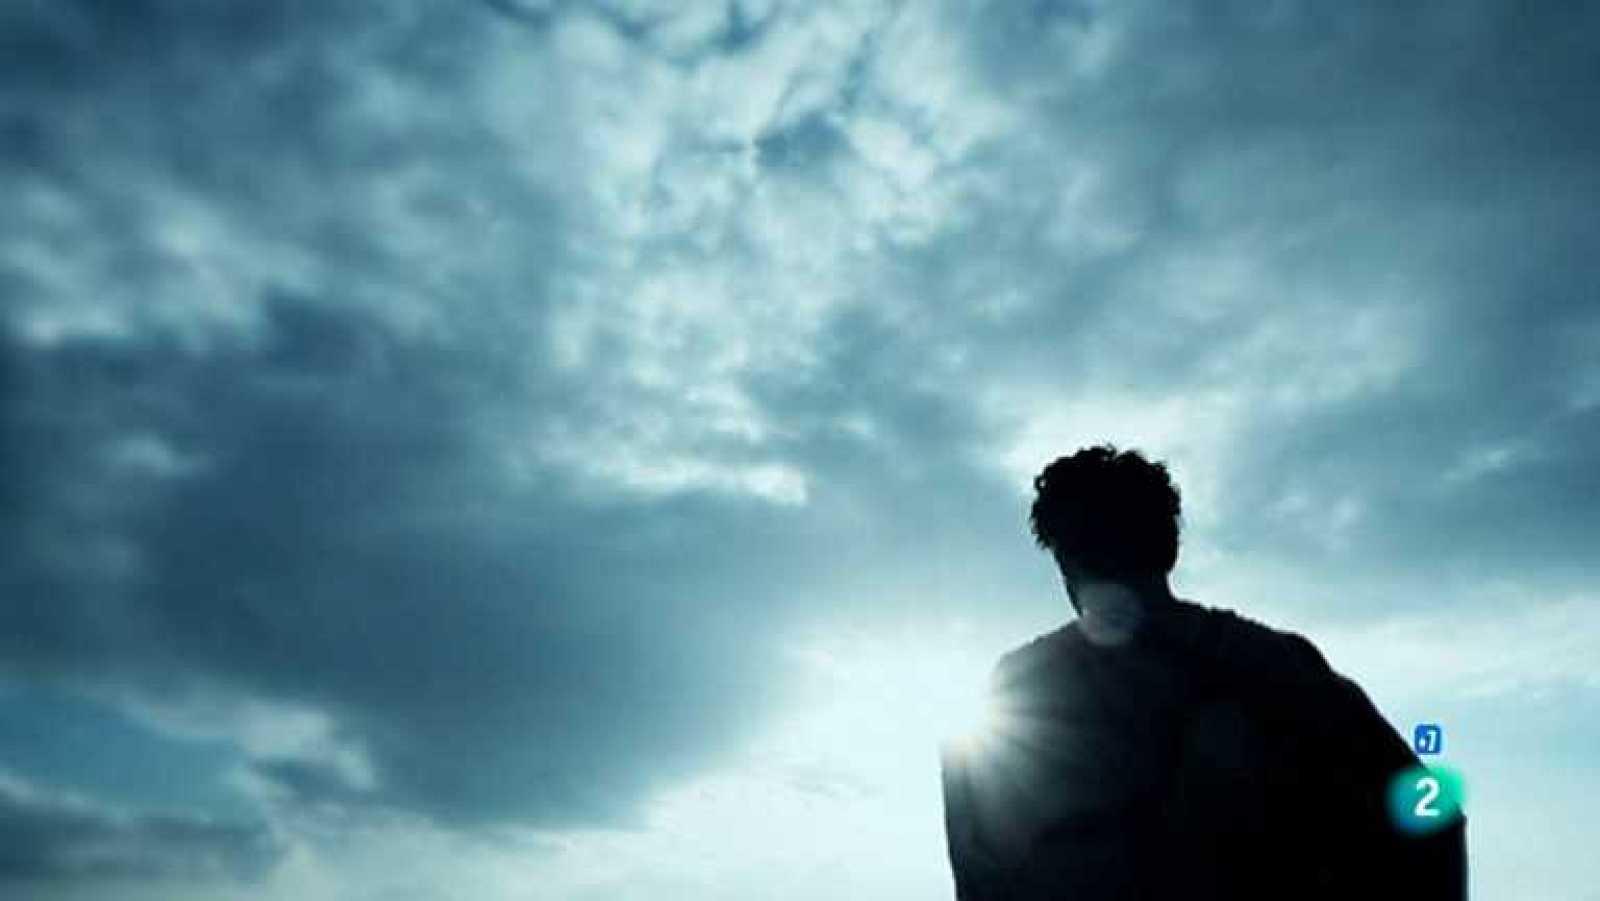 Mitos y leyendas - Prometeo - Ver ahora